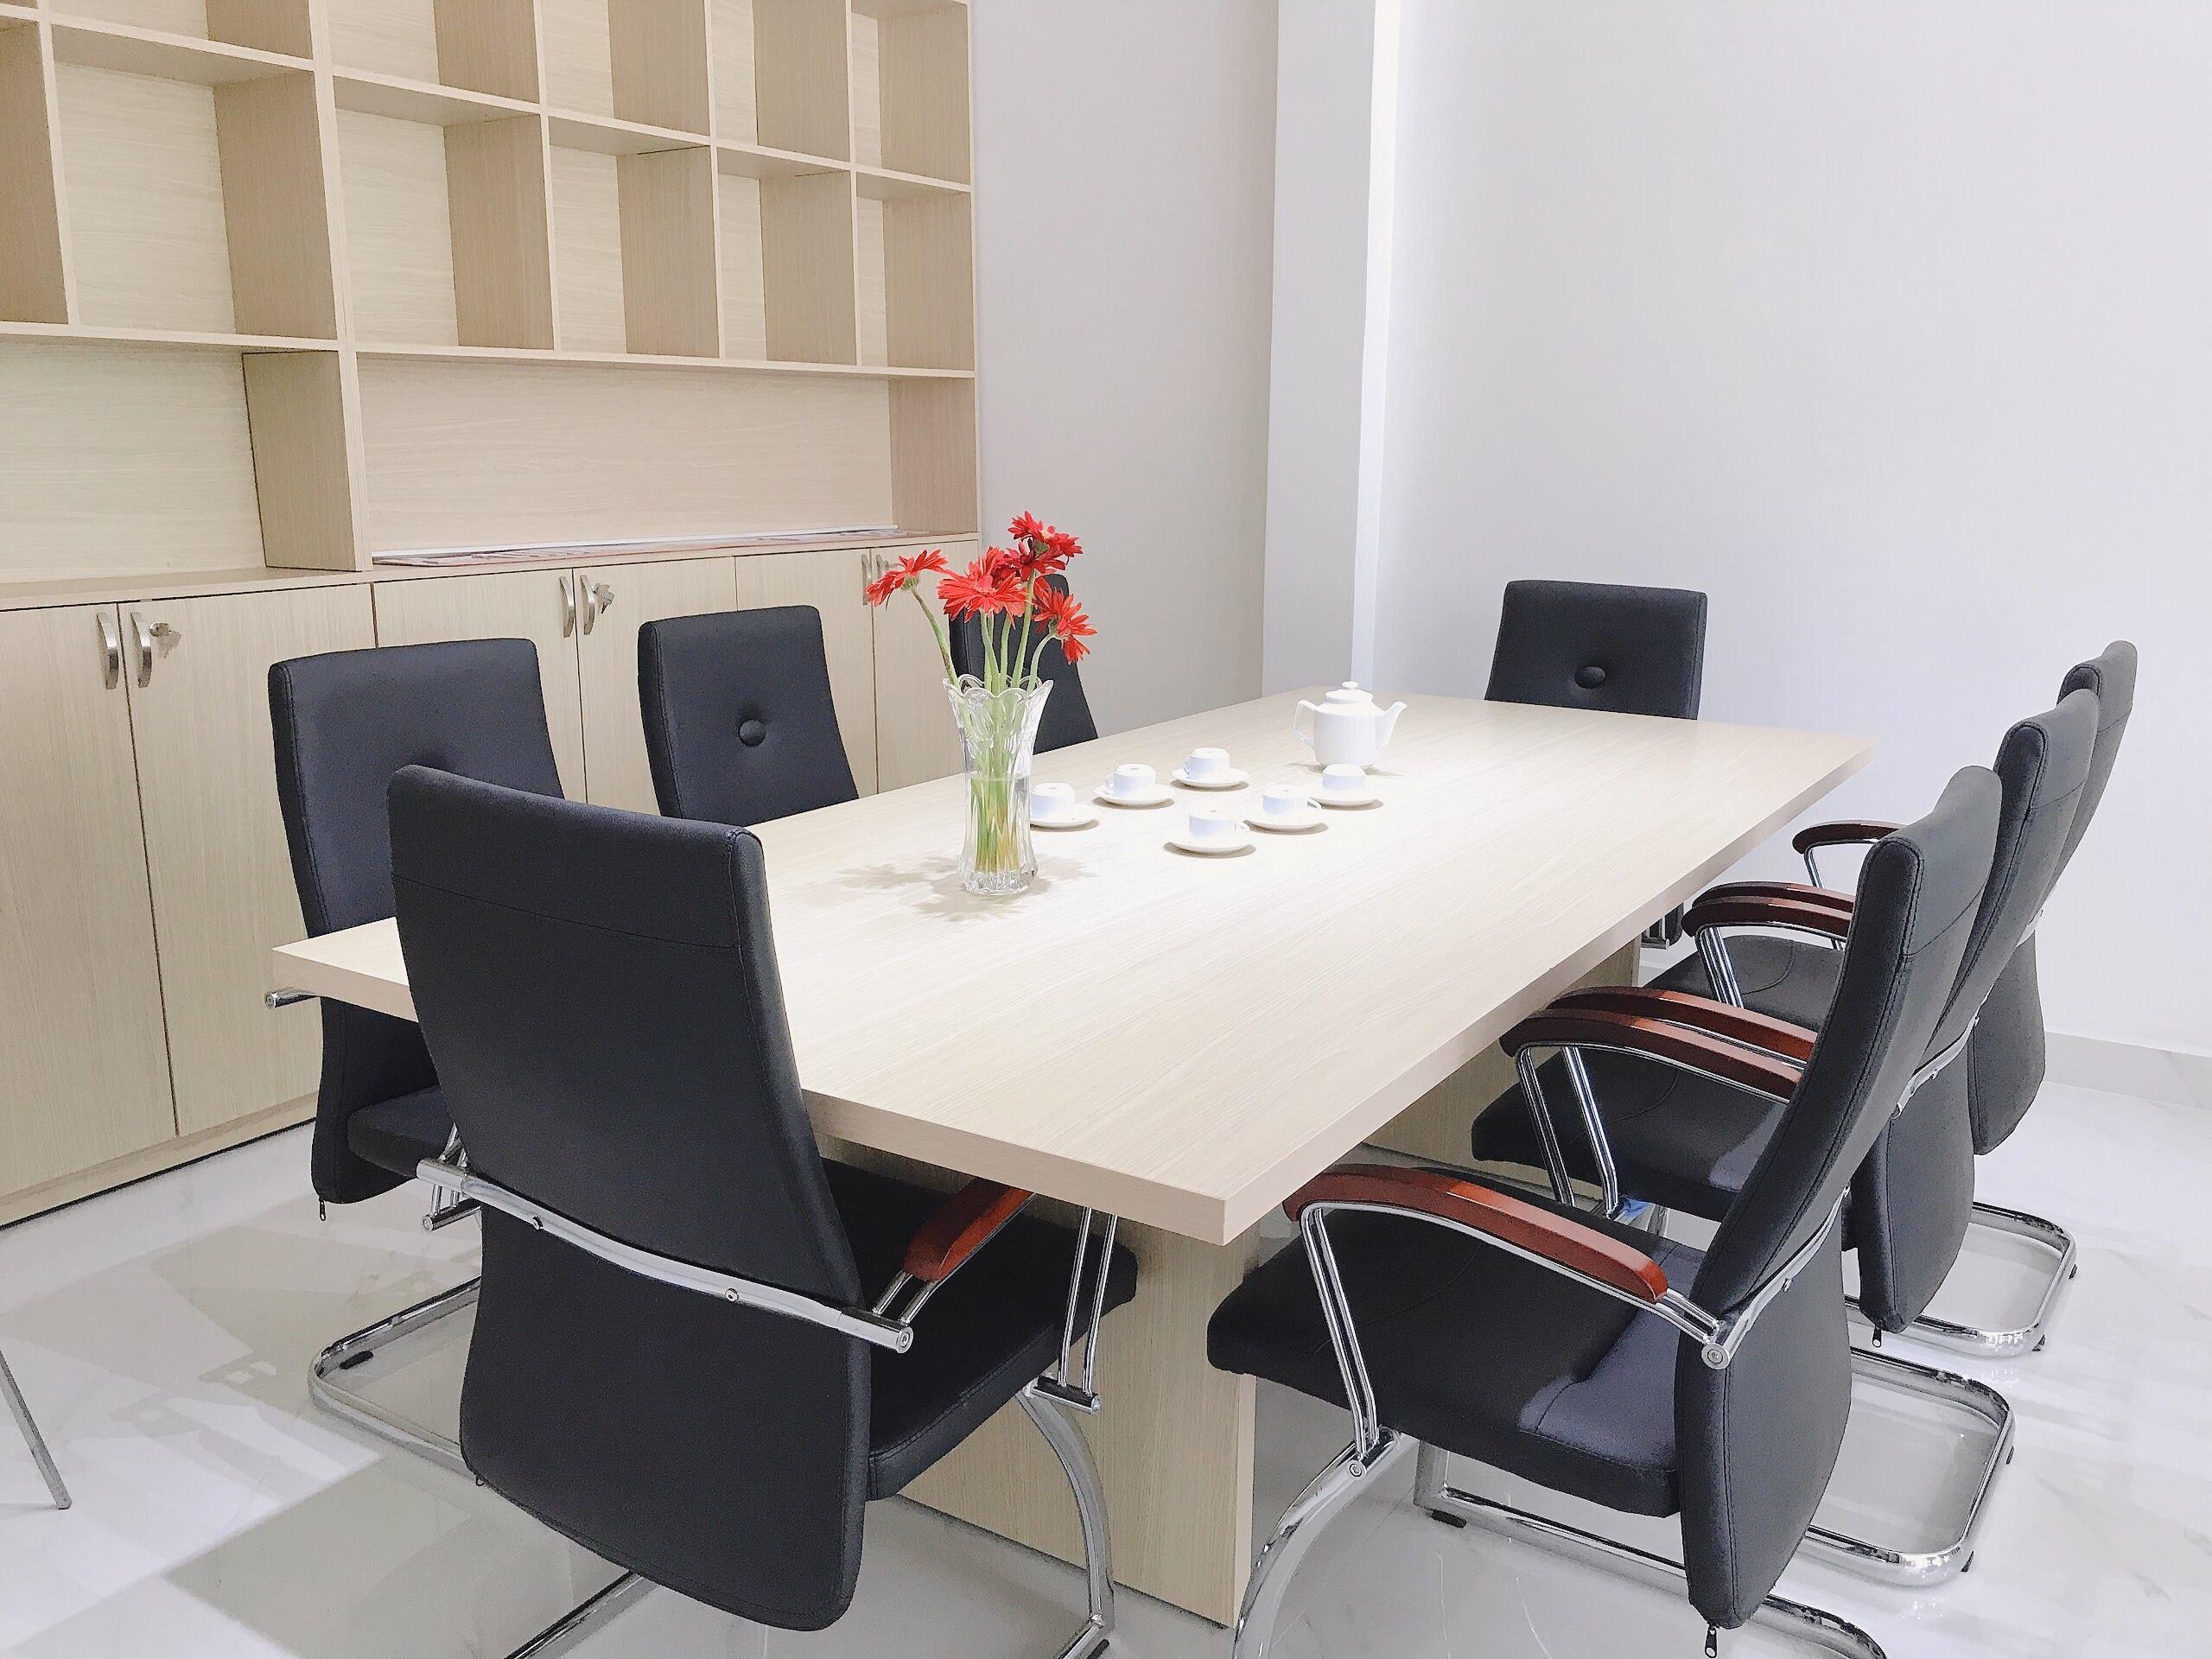 Chỉ cần khách hàng đưa ra yêu cầu về văn phòng ảo - SeaOffice sẵn sàng đáp ứng